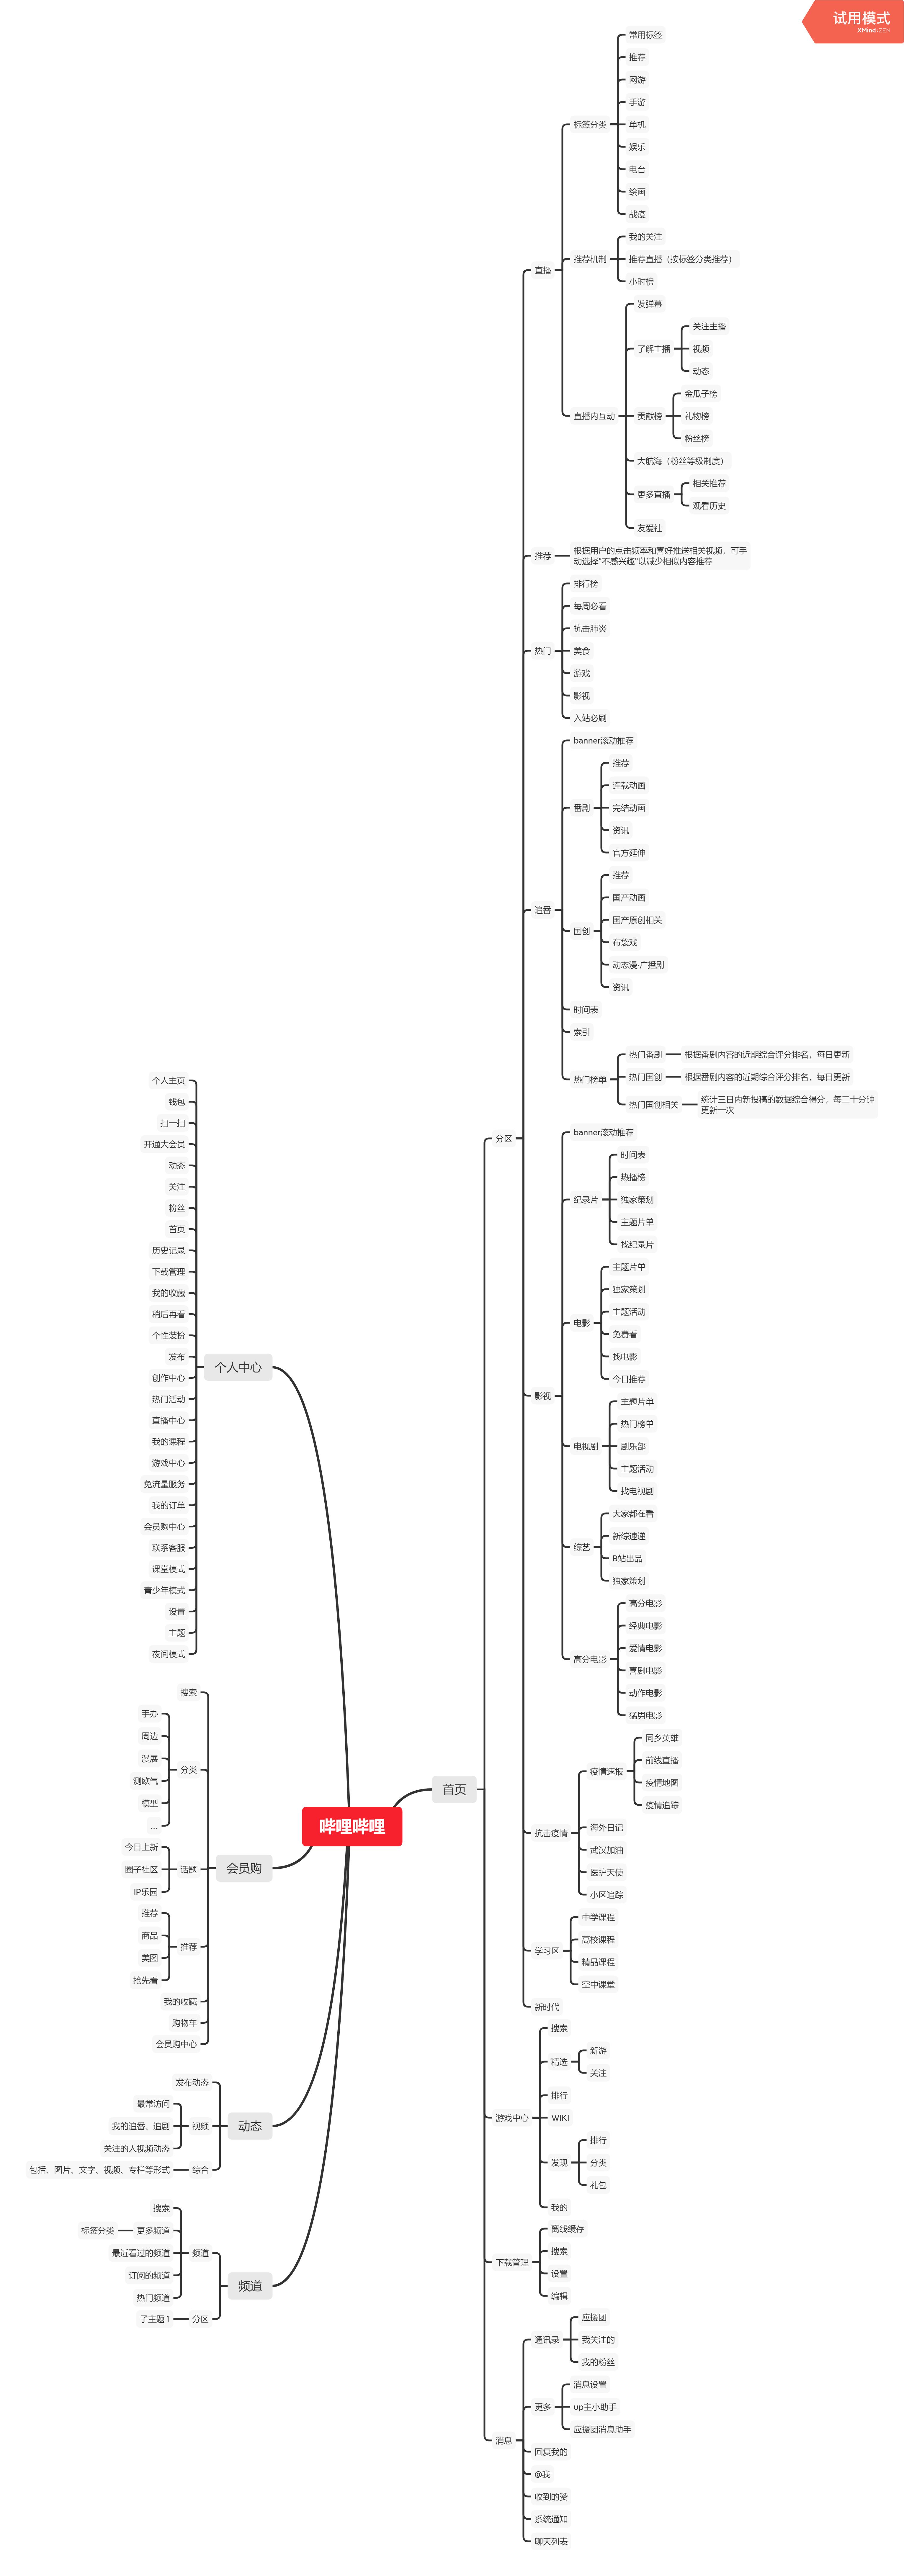 哔哩哔哩:用户运营策略分析报告